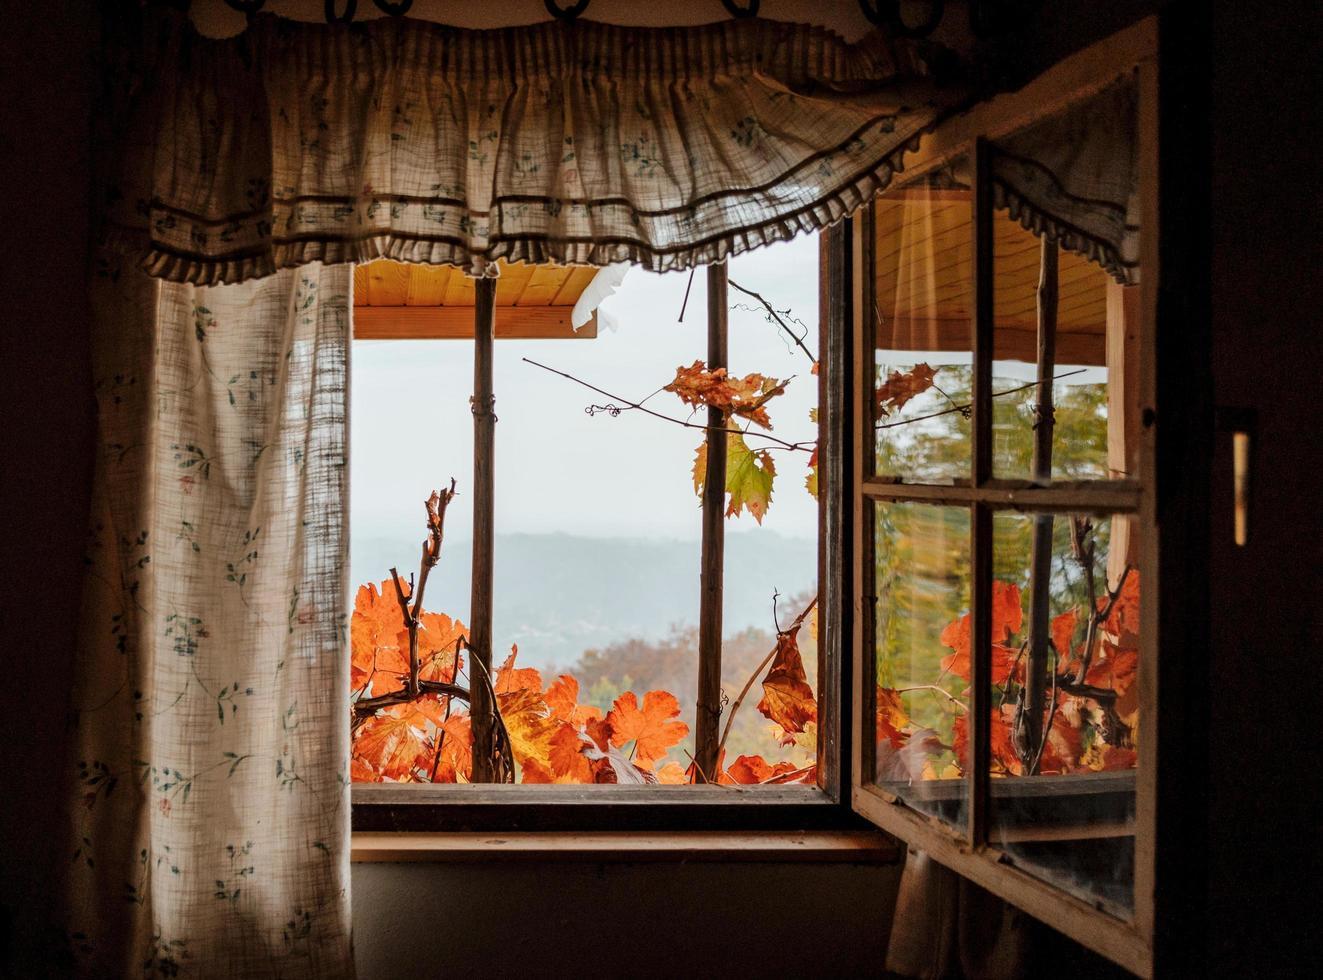 idyllisk sikt genom ett fönster på en stuga på hösten foto